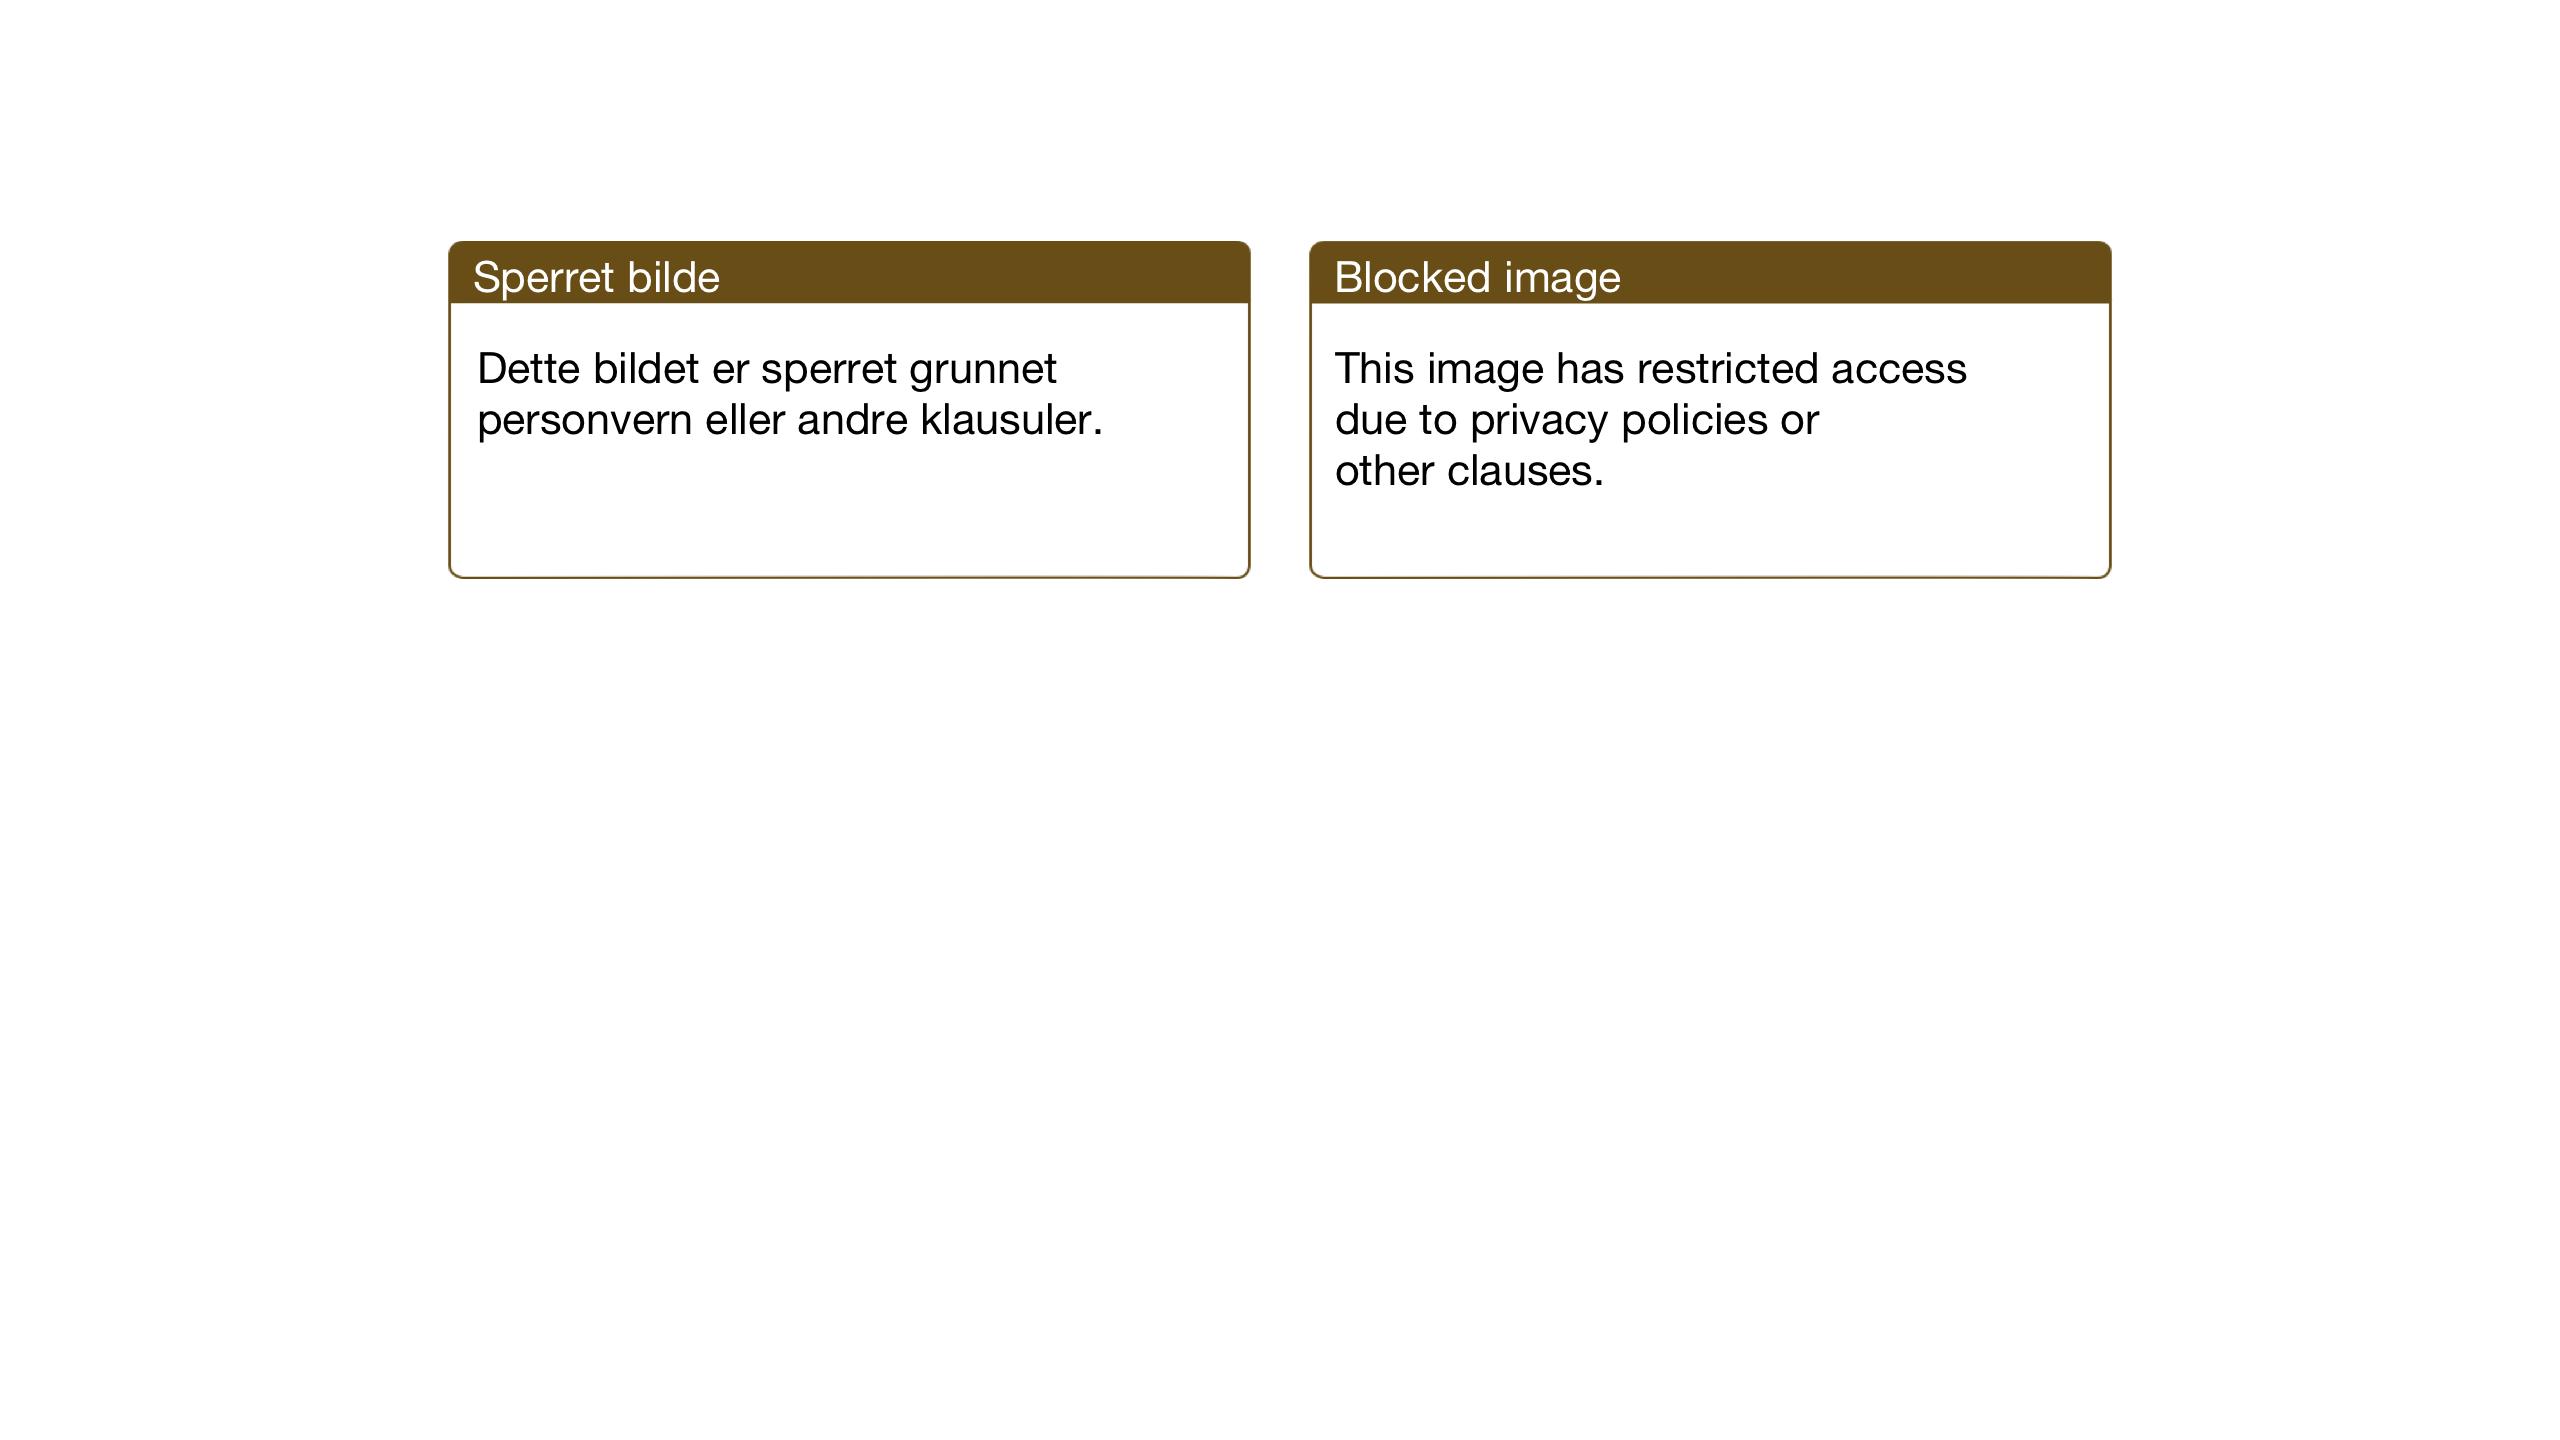 SAT, Ministerialprotokoller, klokkerbøker og fødselsregistre - Nord-Trøndelag, 709/L0089: Klokkerbok nr. 709C03, 1935-1948, s. 4